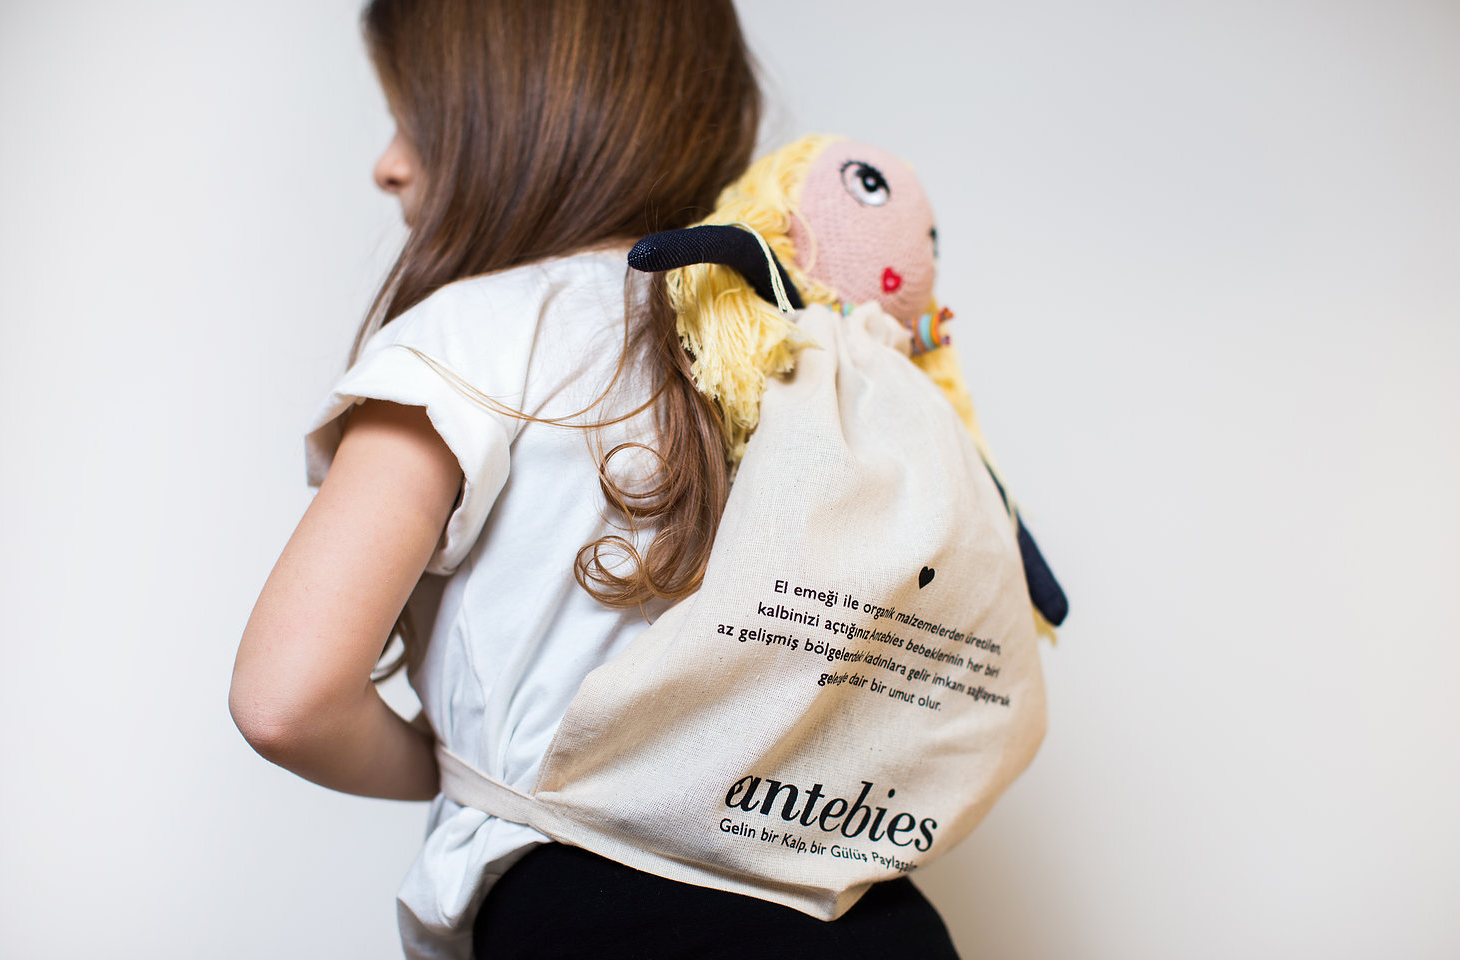 Çevreye duyarlı Antebies'in sosyal sorumluluk projesi ile gelin bir gülüş paylaşalım